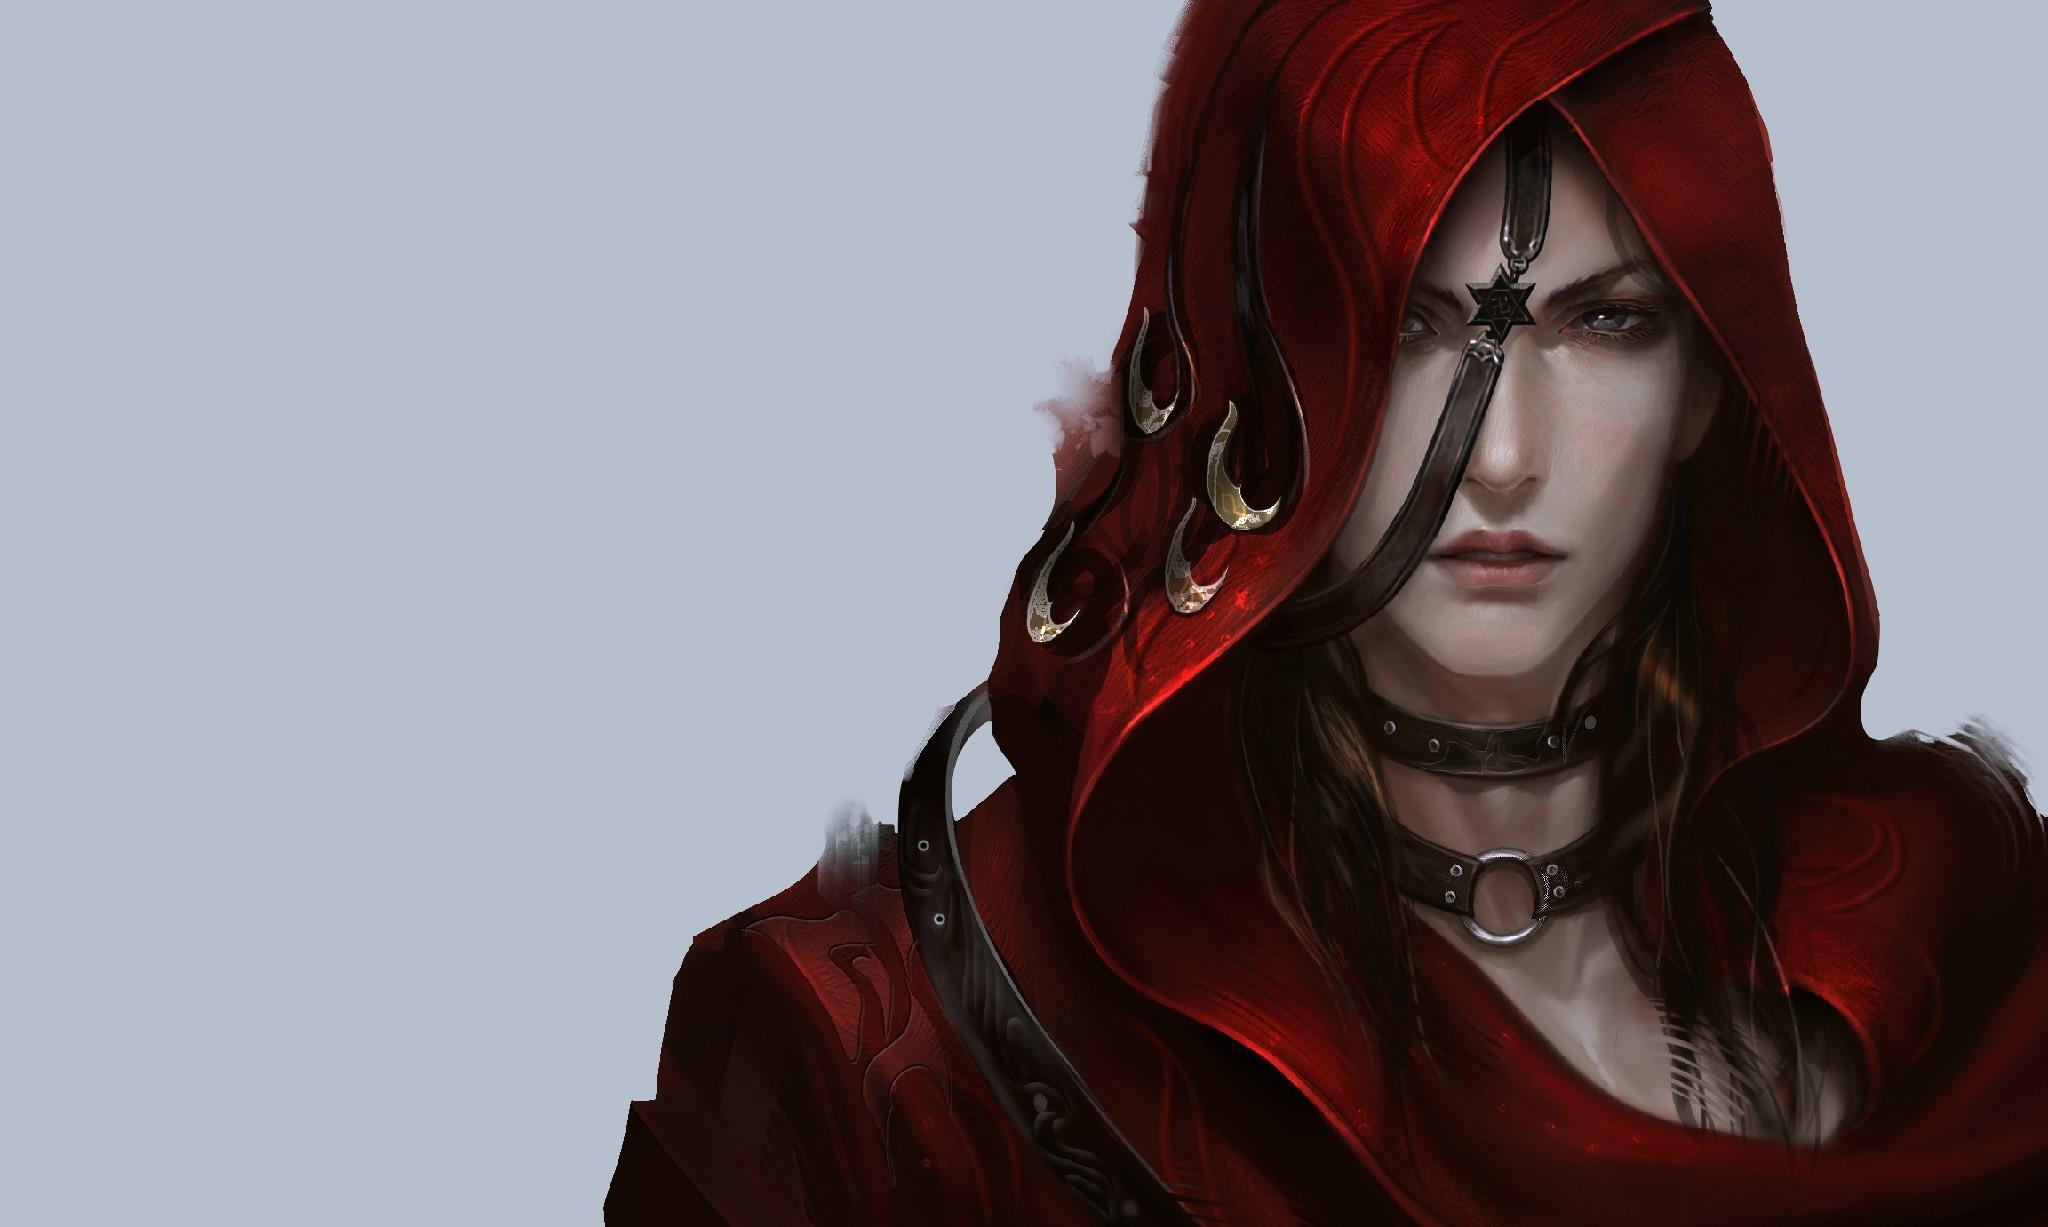 妖孽红衣古装美男有谁